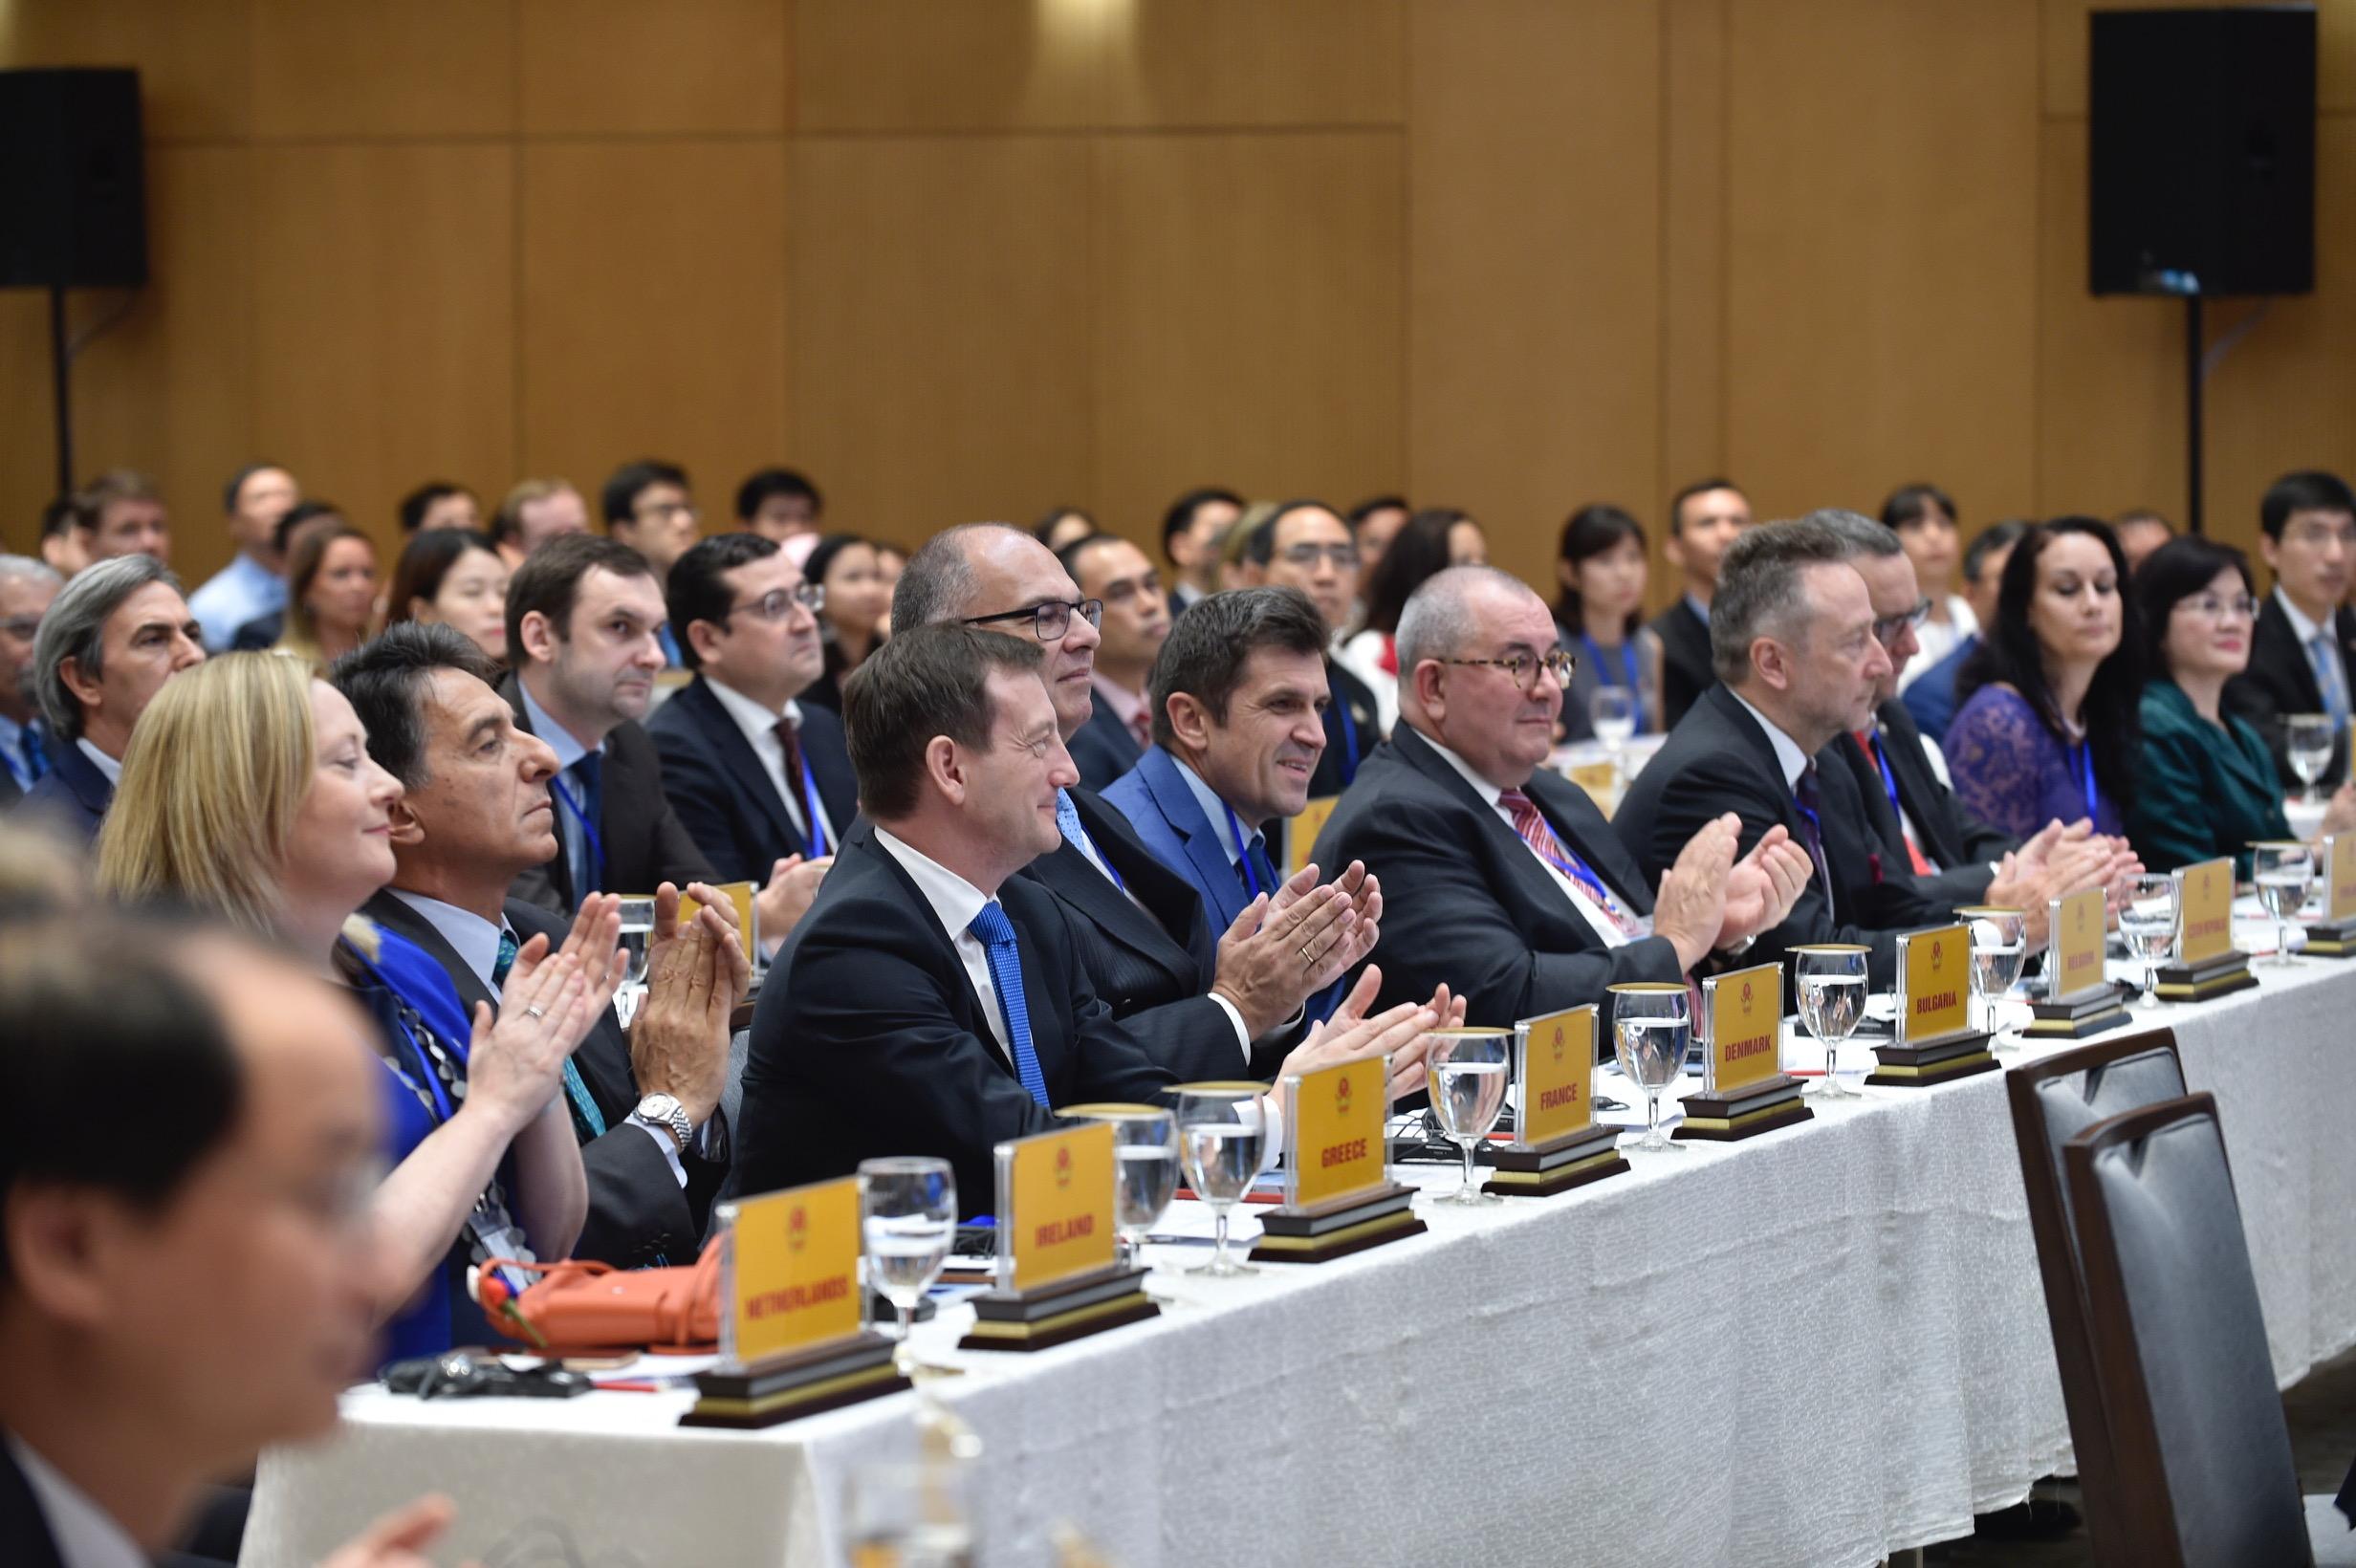 Hiệp định EVFTA và Hiệp định IPA giữa Việt Nam và Liên minh Châu Âu đã được ký kết - Ảnh 4